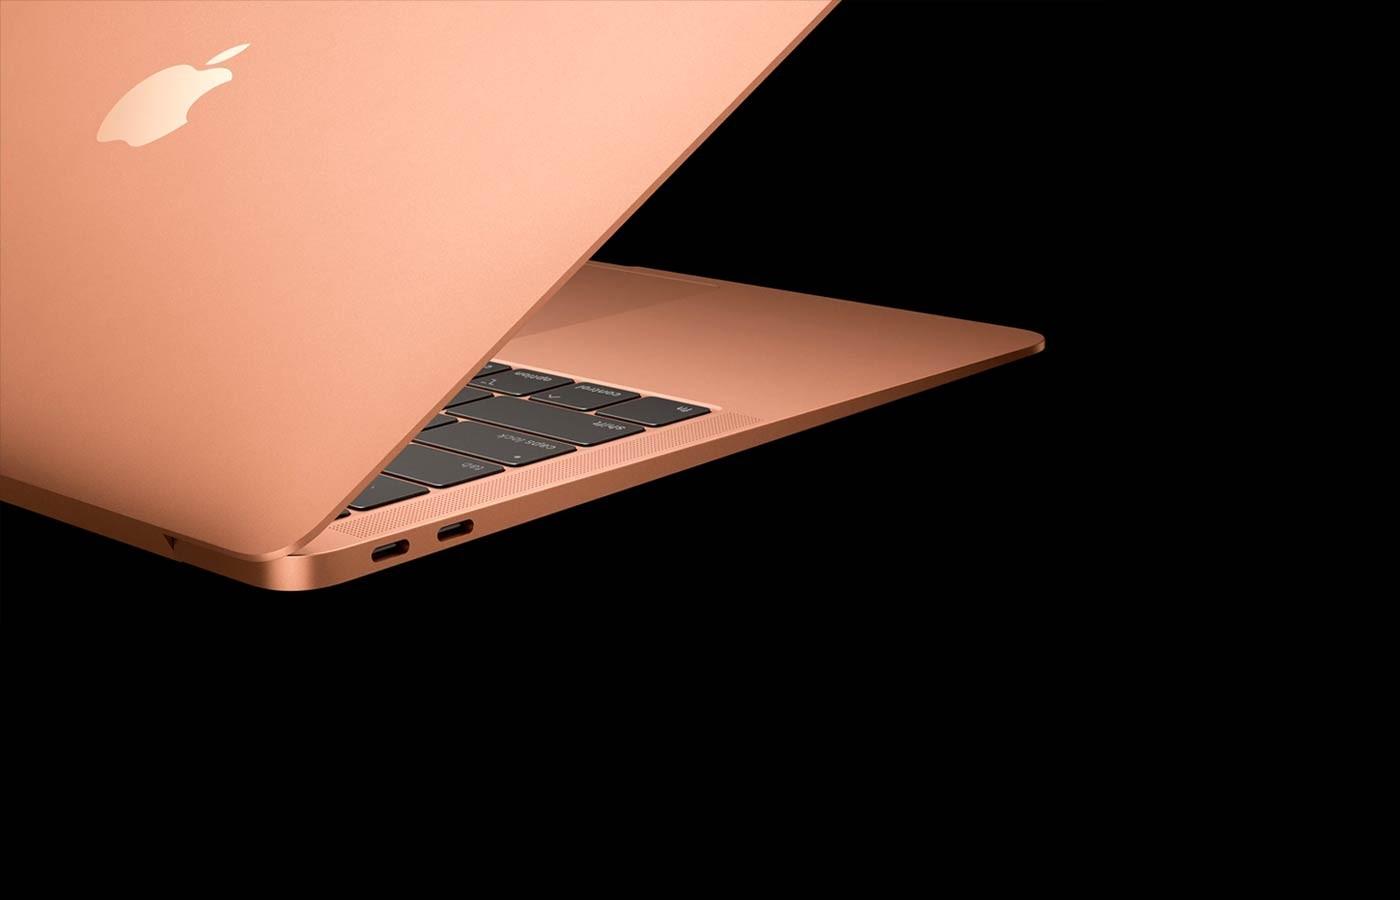 MacBook Loan Student Loan Scheme